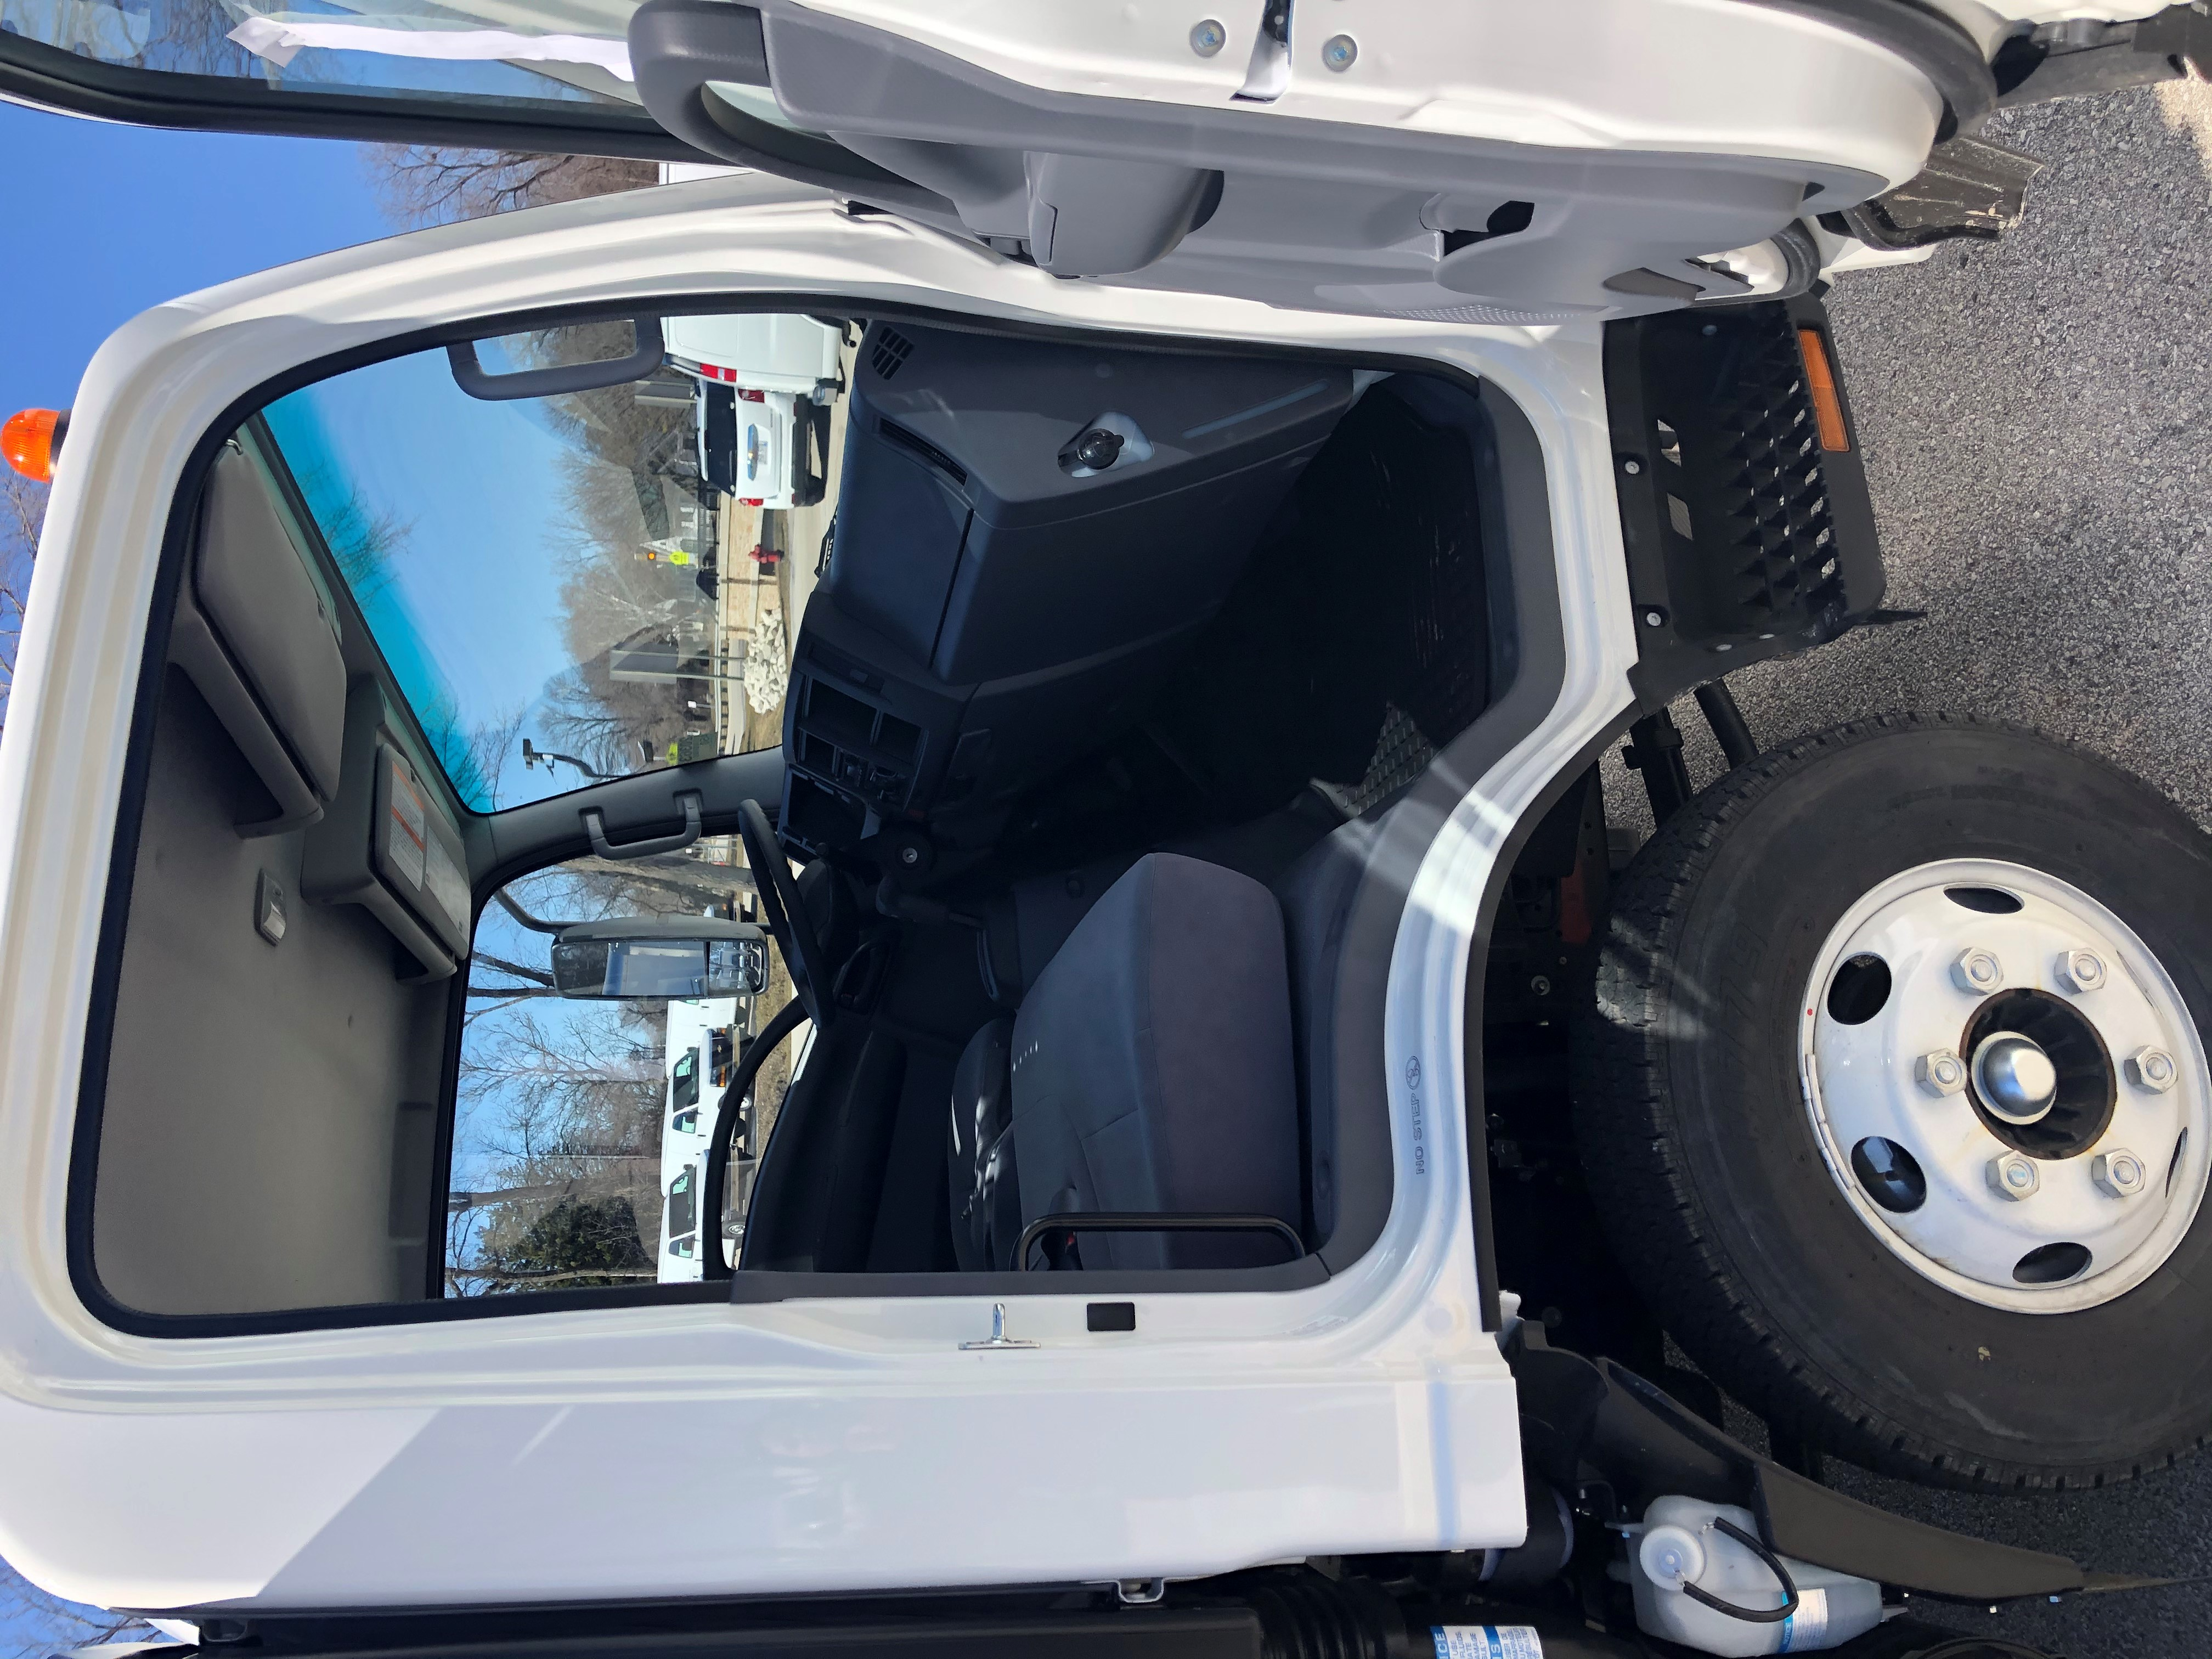 2020 LCF 4500HD Regular Cab 4x2, Morgan Prostake Stake Bed #20363 - photo 10